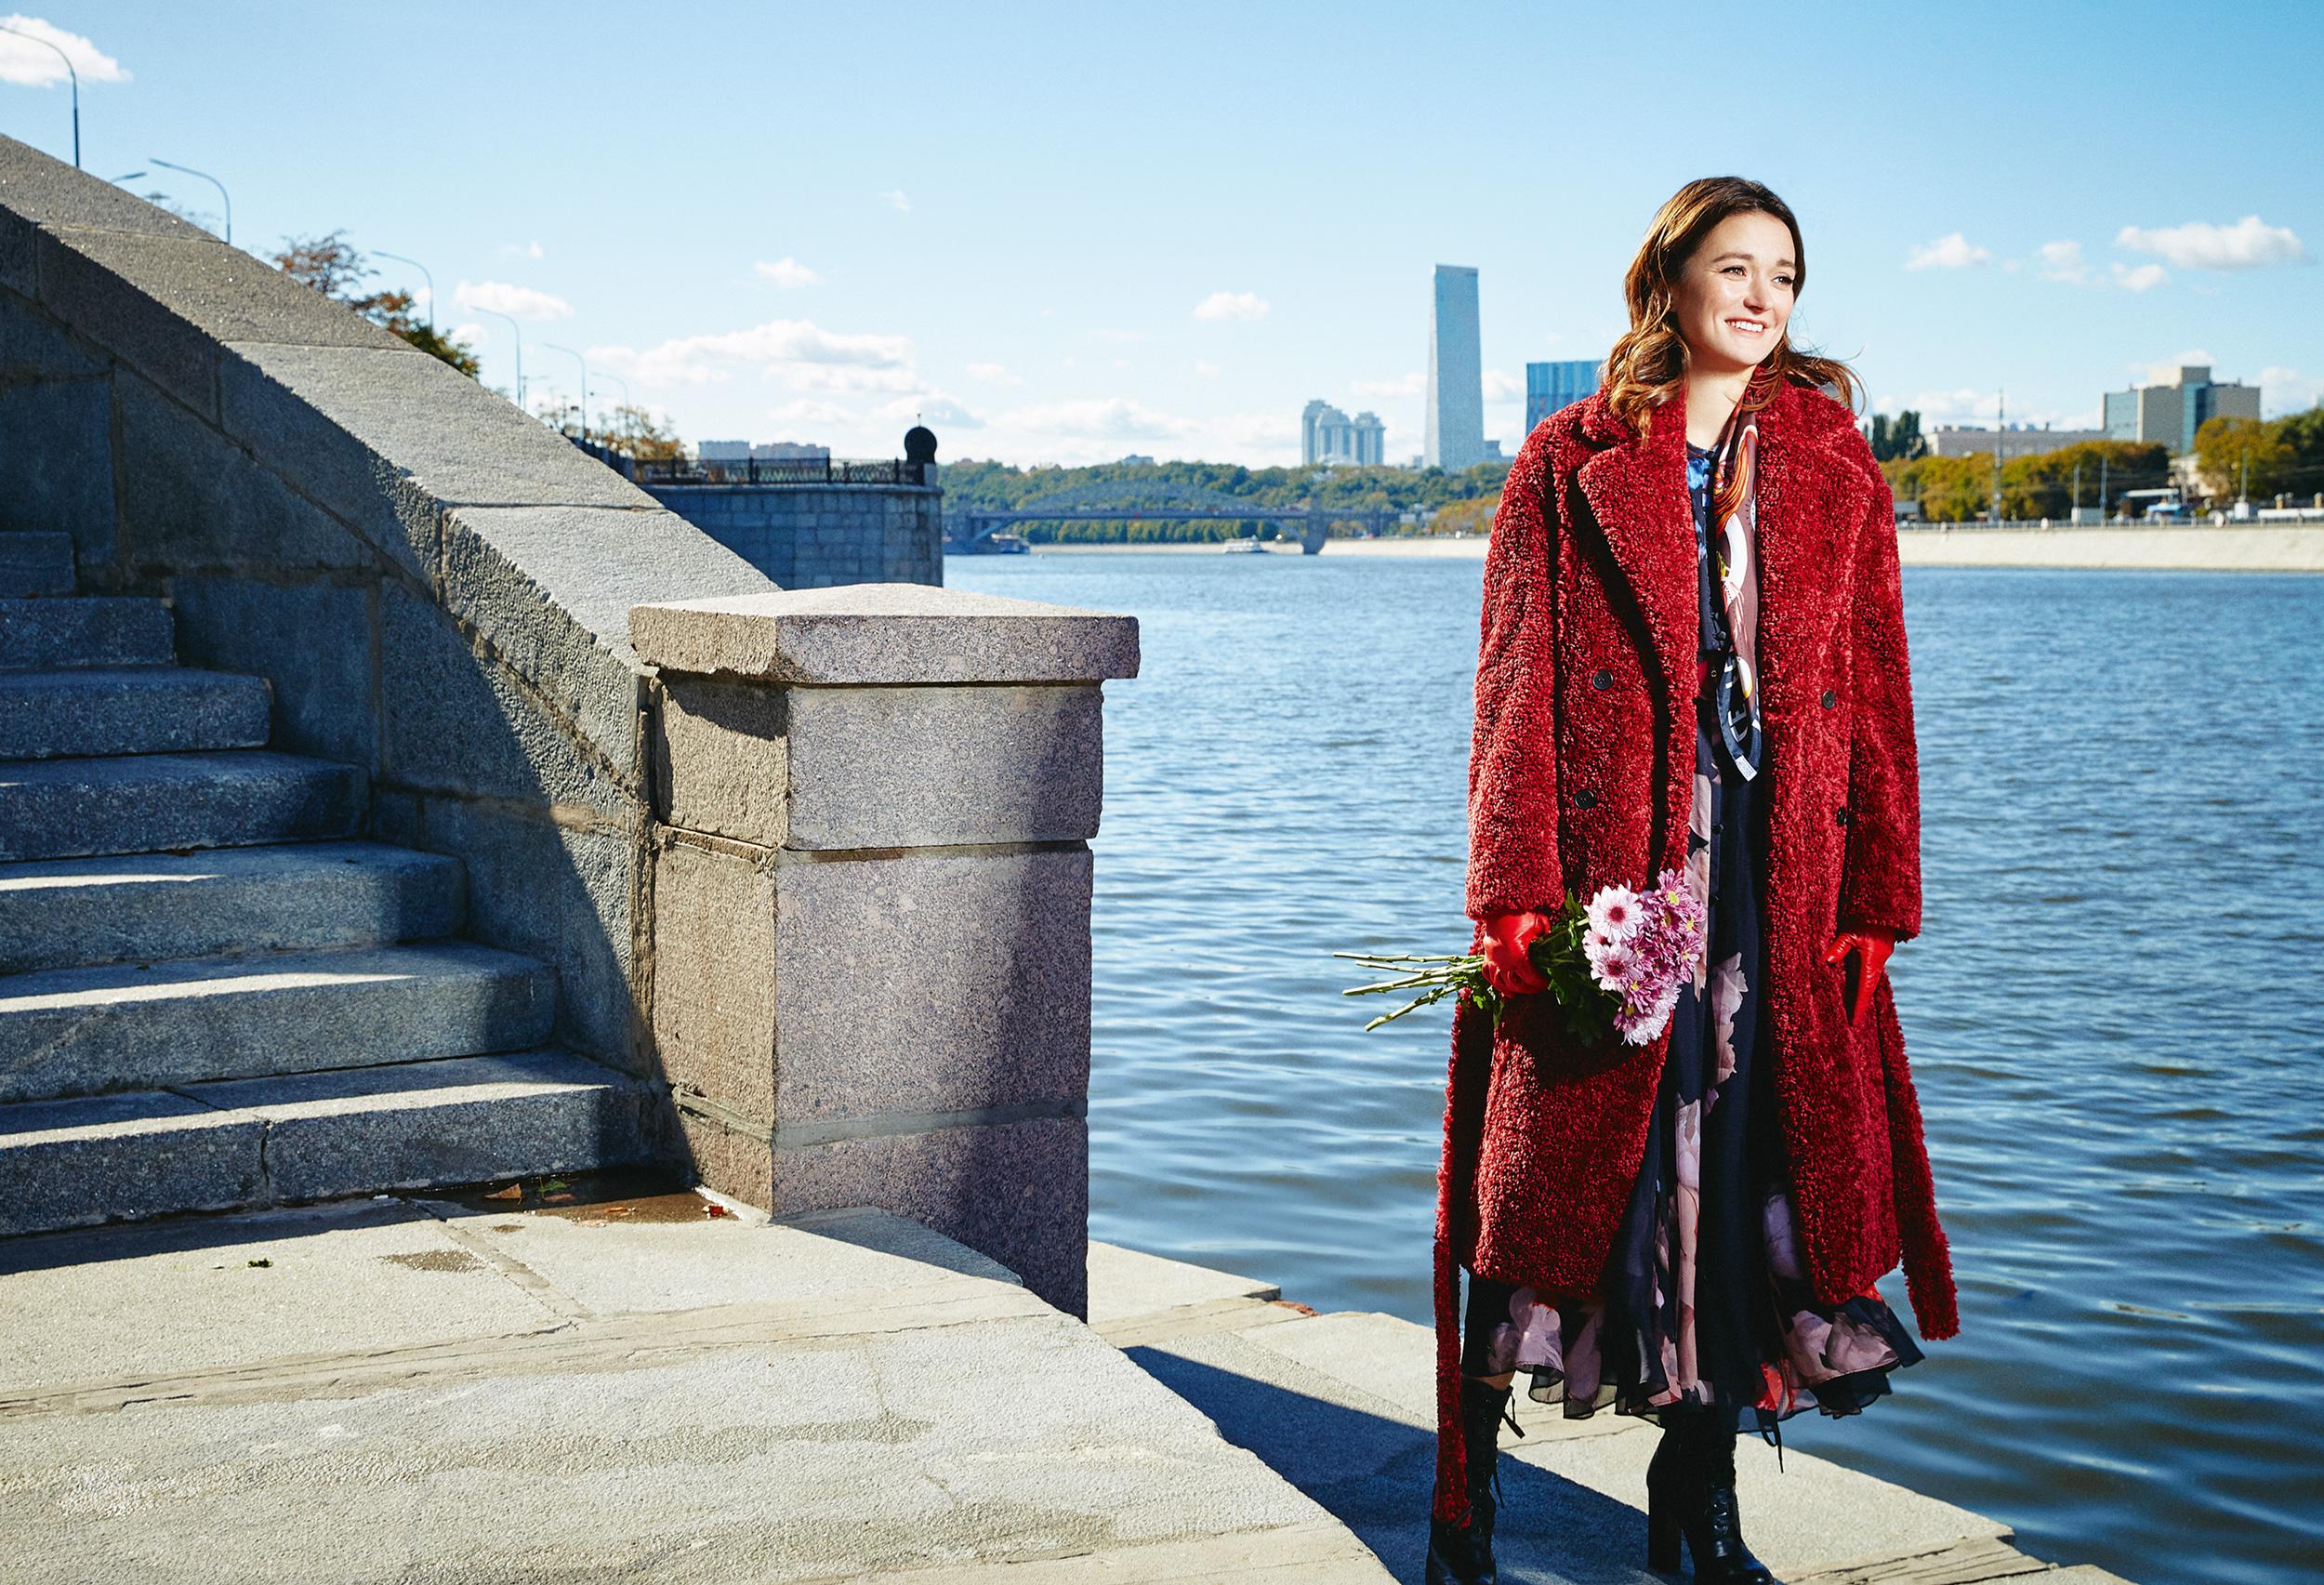 Здесь идалее: пальто Boss  платье Dorothee Schumacher  платок Dior  сумка Gucci  перчатки Versace  ботильоны Nando Muzi